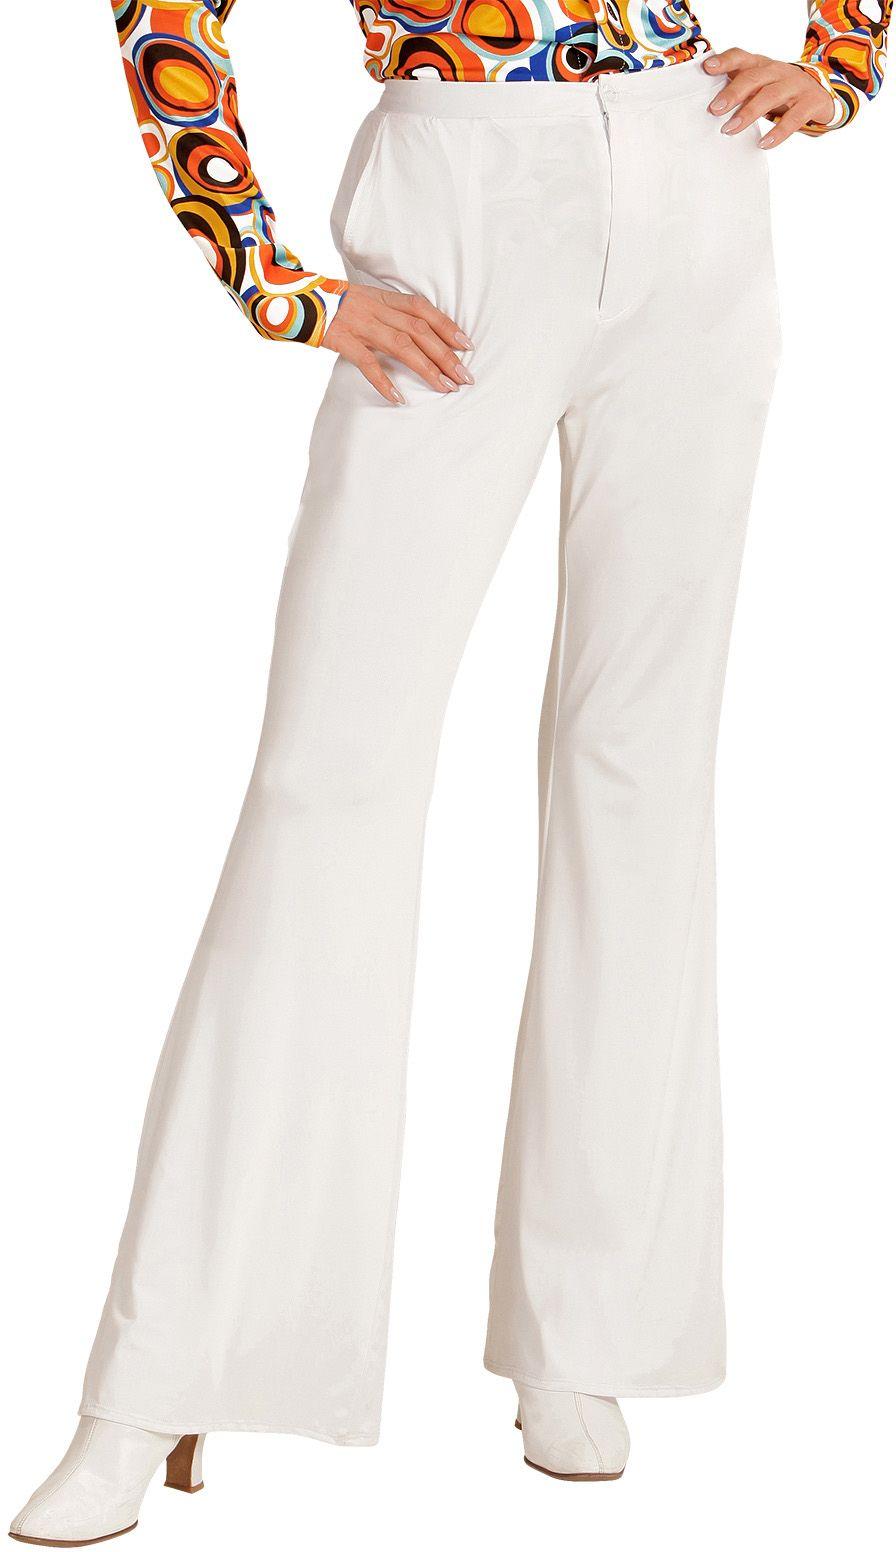 70s broek dames wit